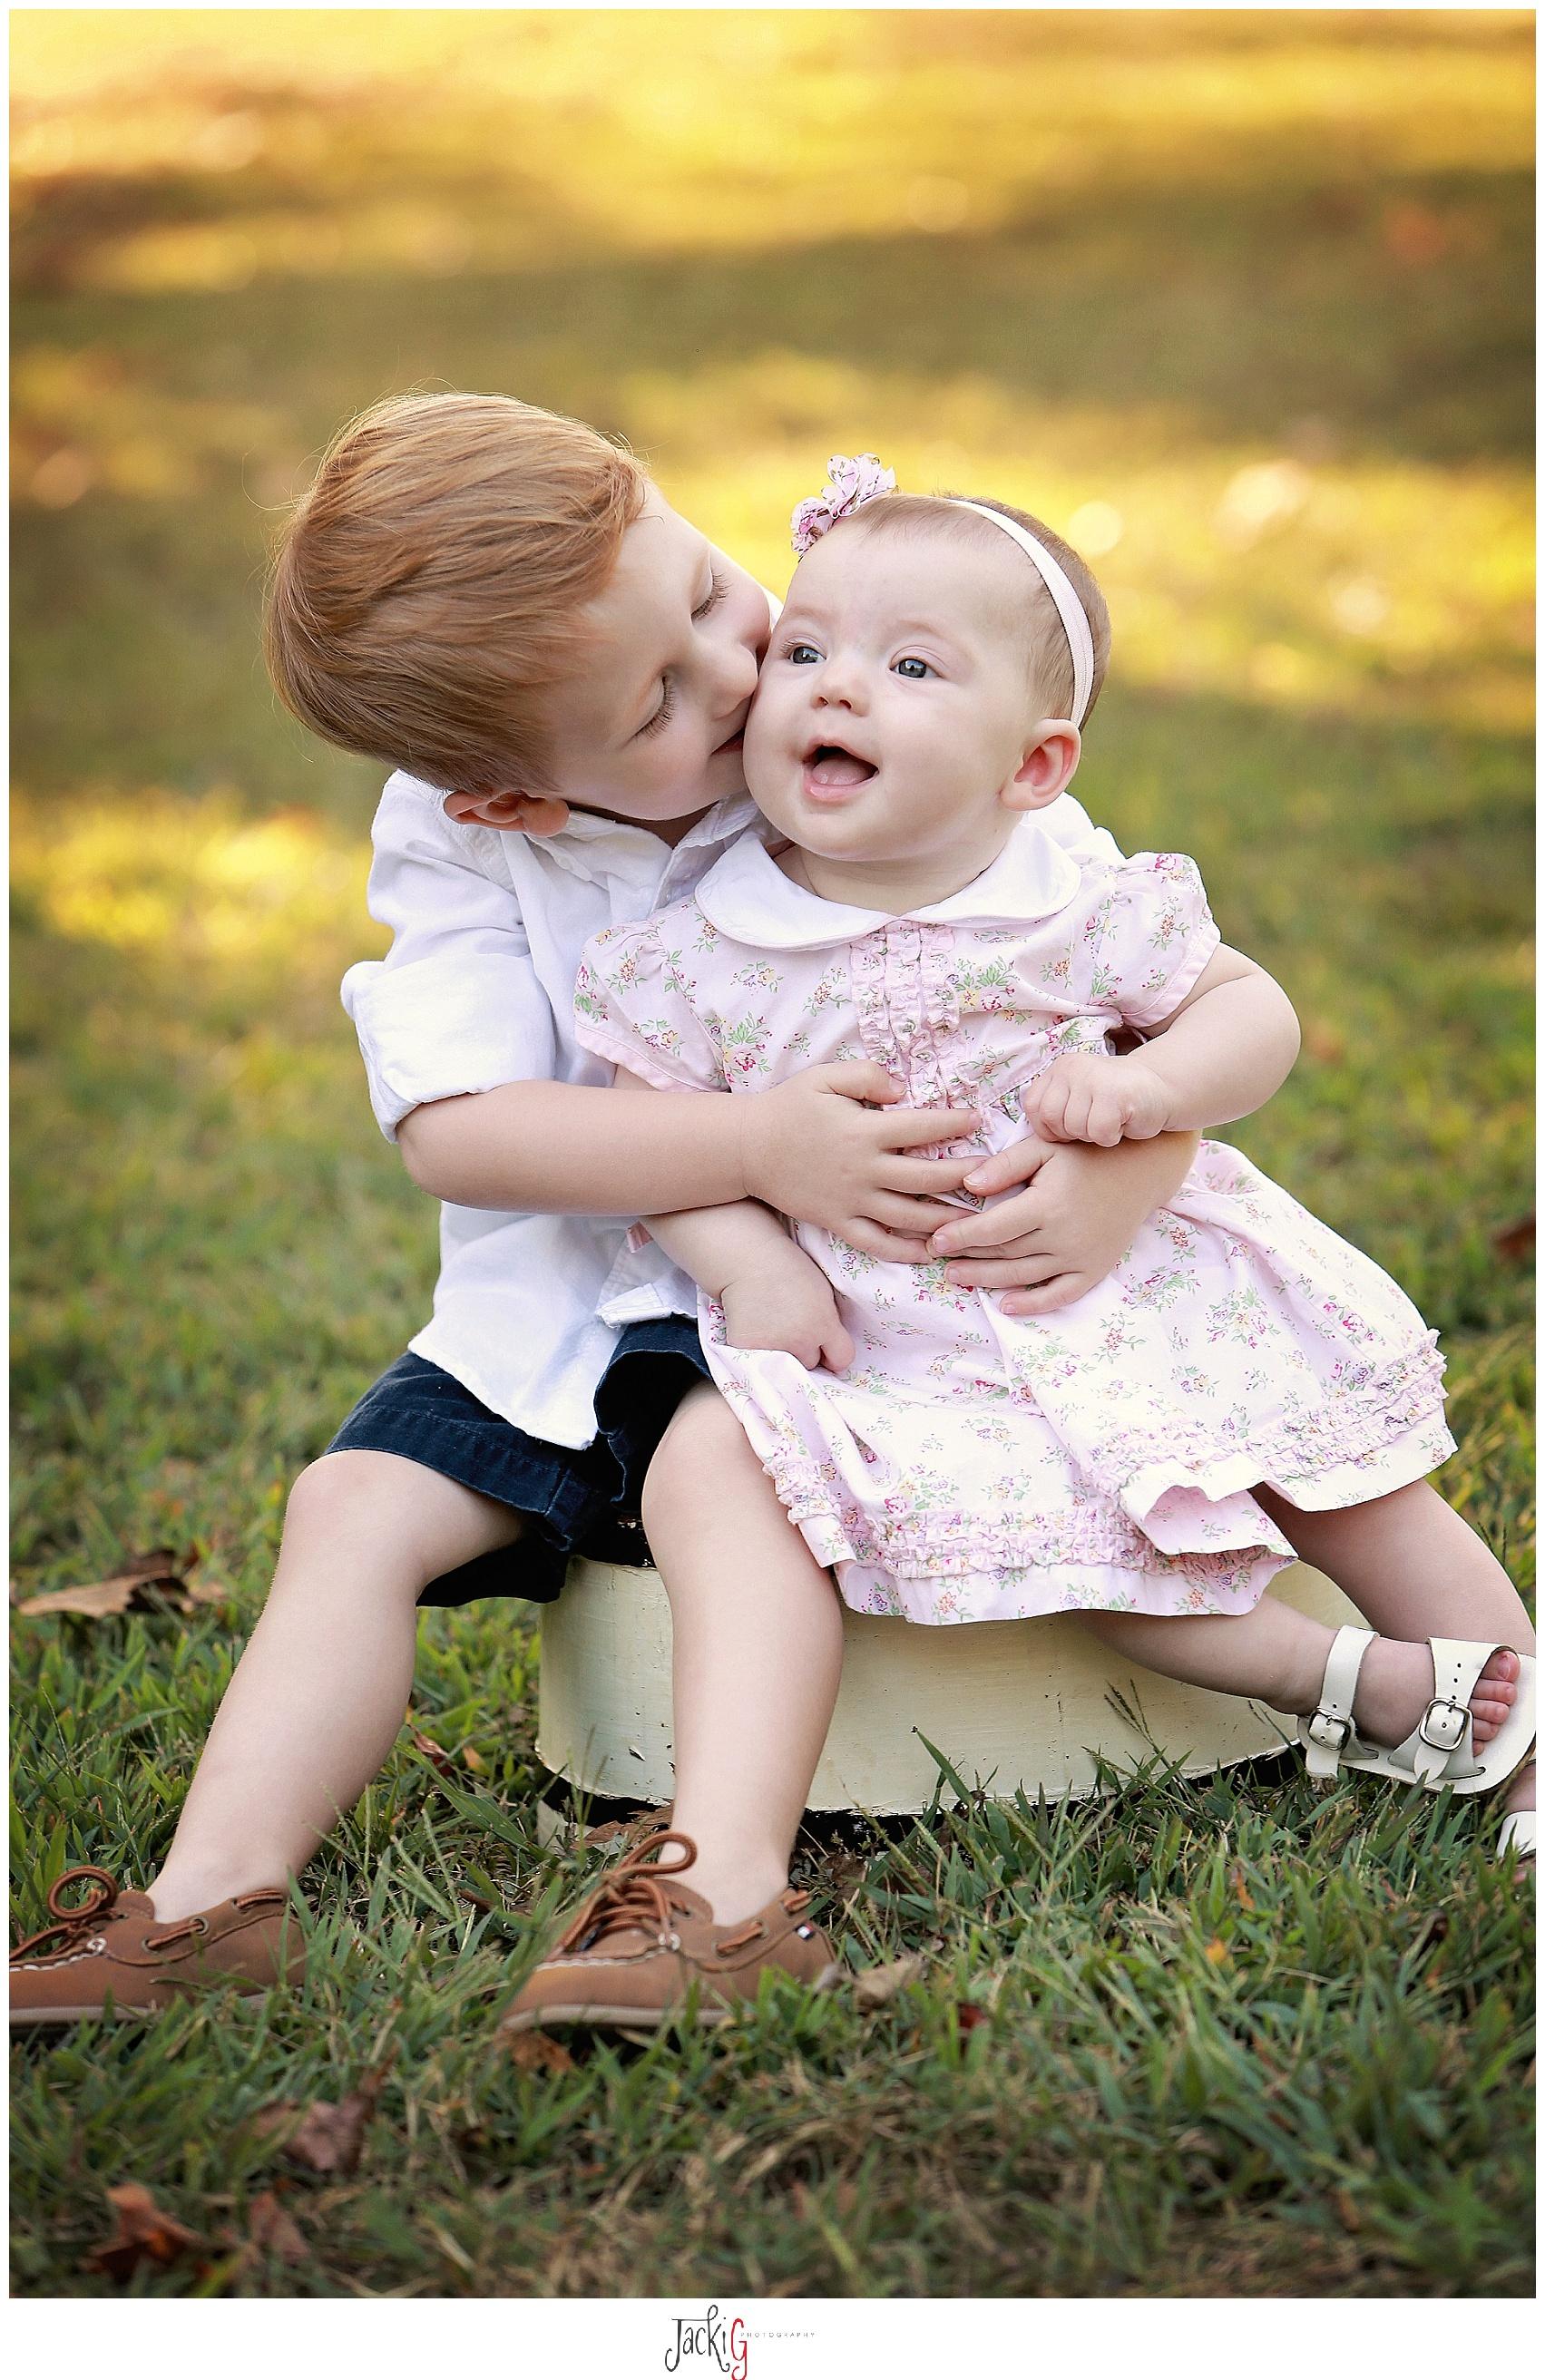 Big hugs and Kisses